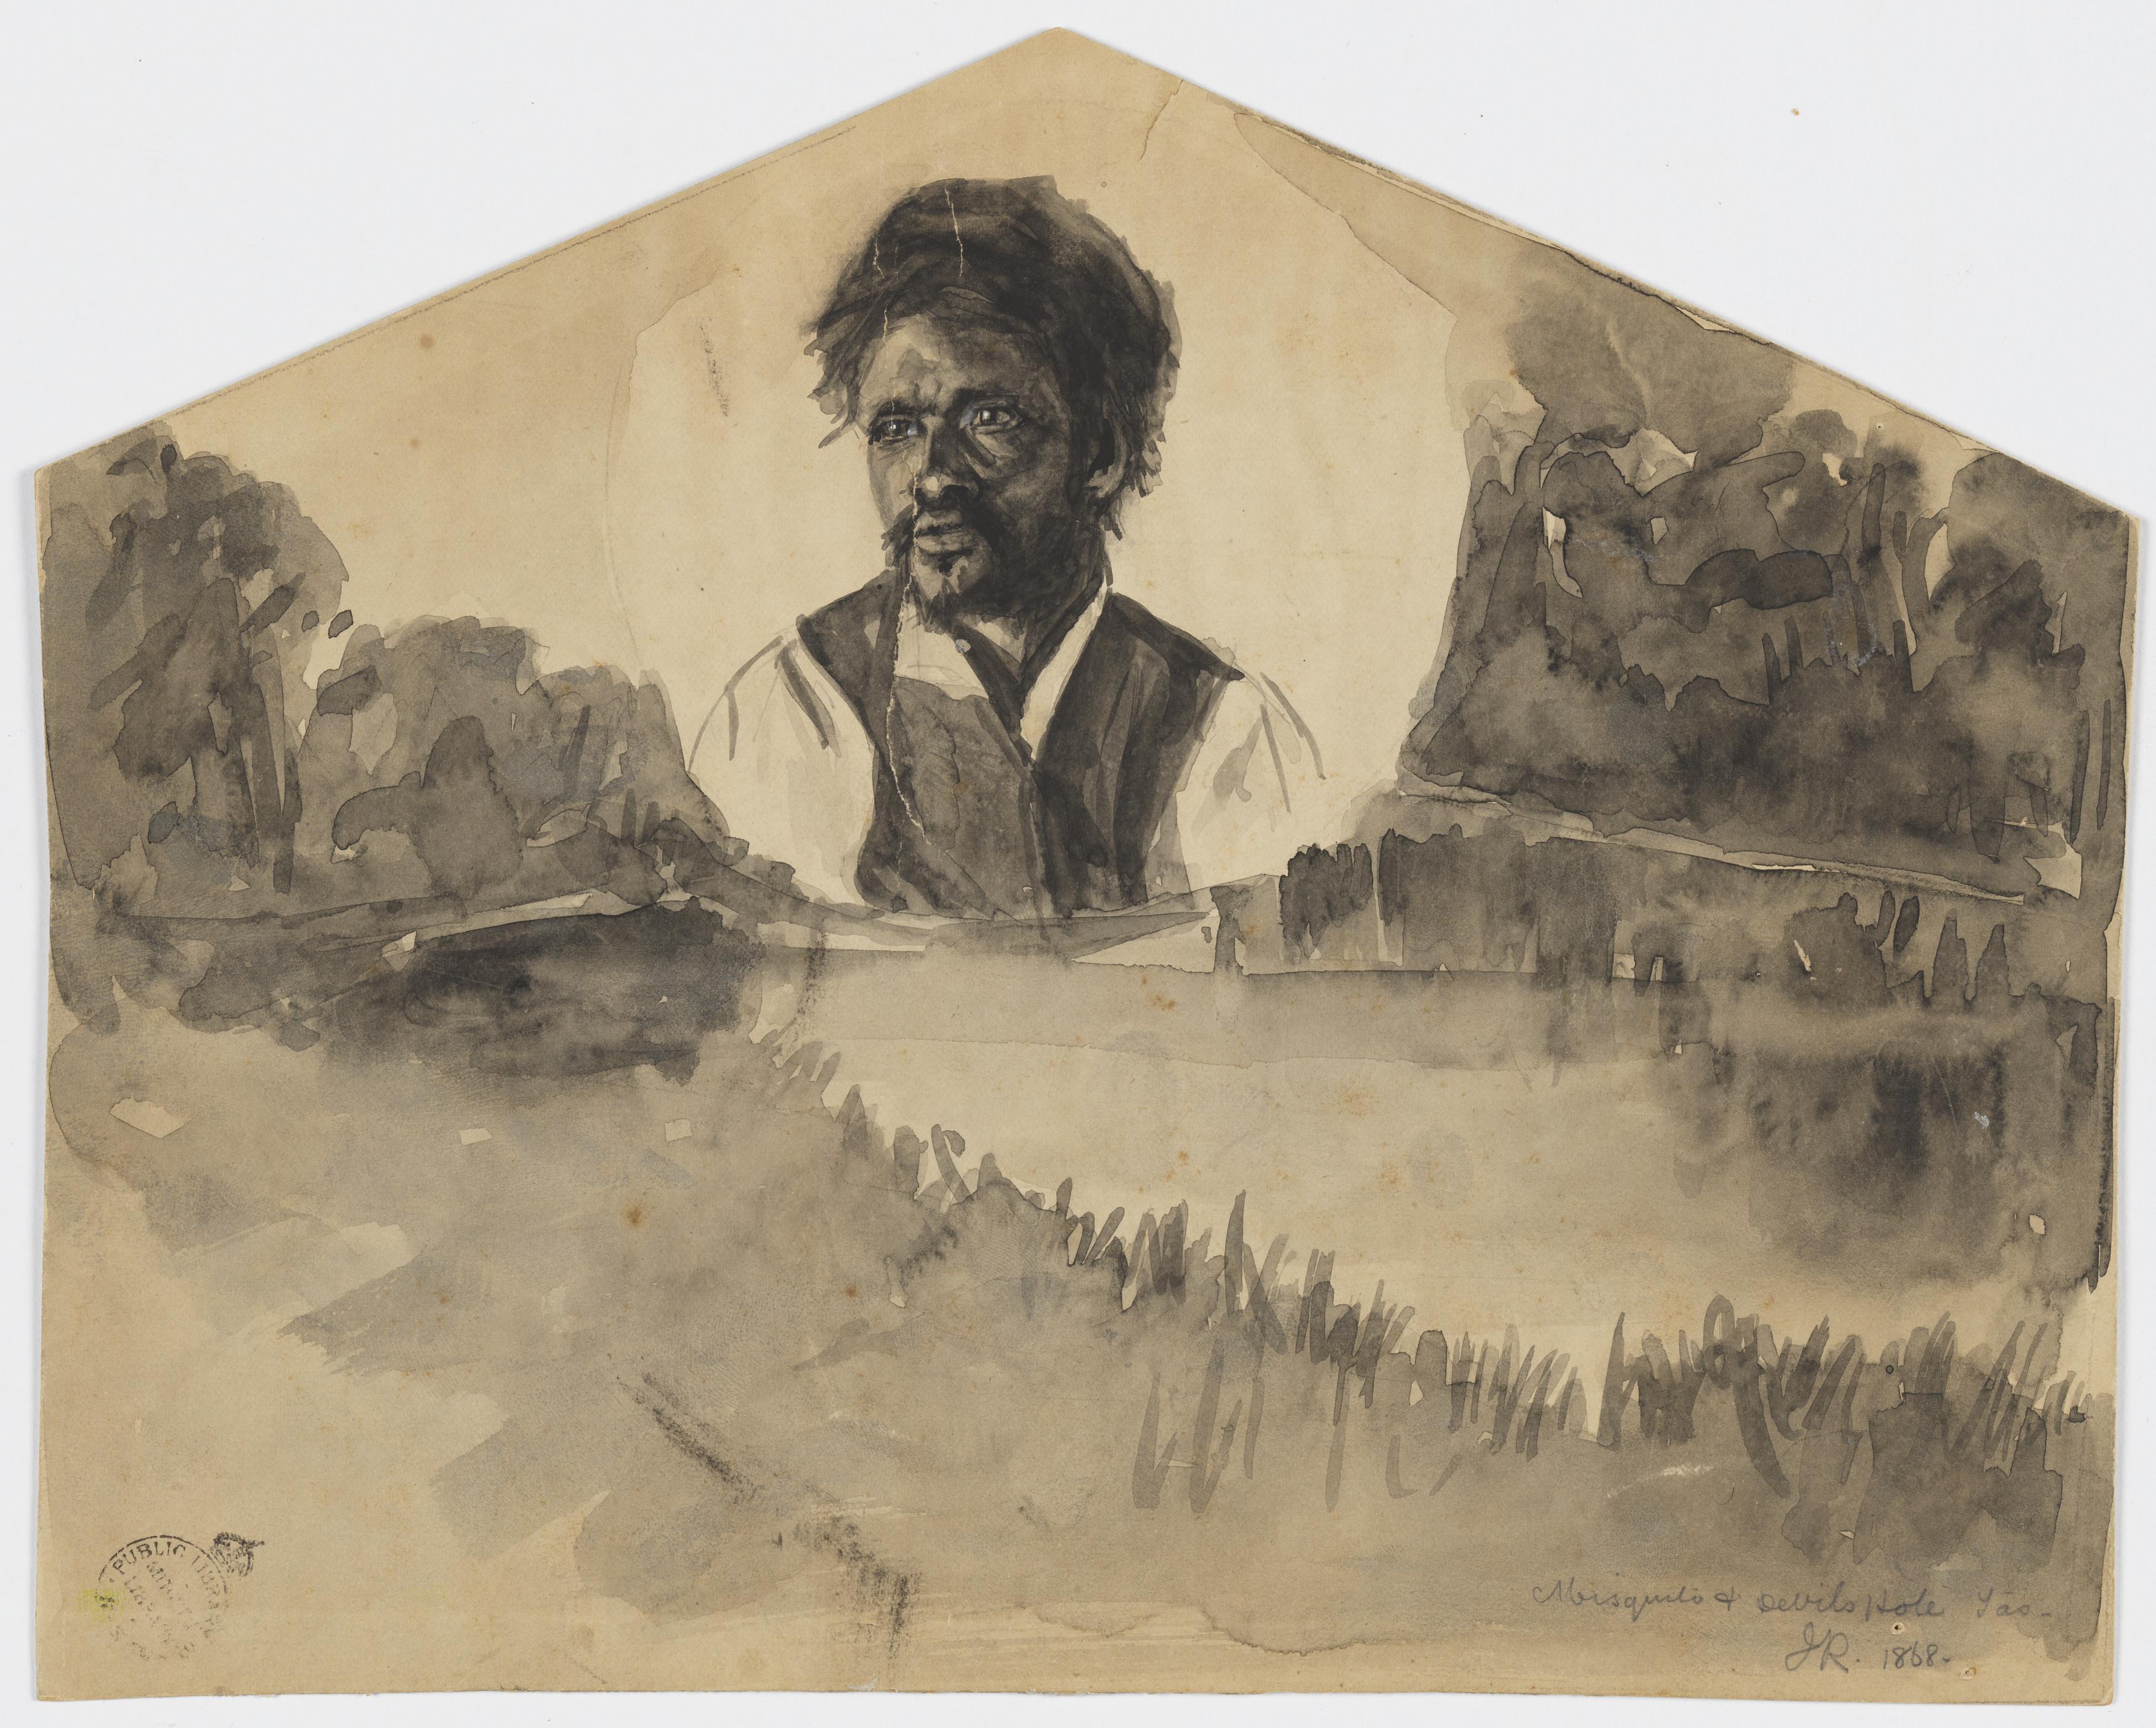 Misquito [i.e. Musquito] and Devil's Hole Tasmania, 1868 / J. R.